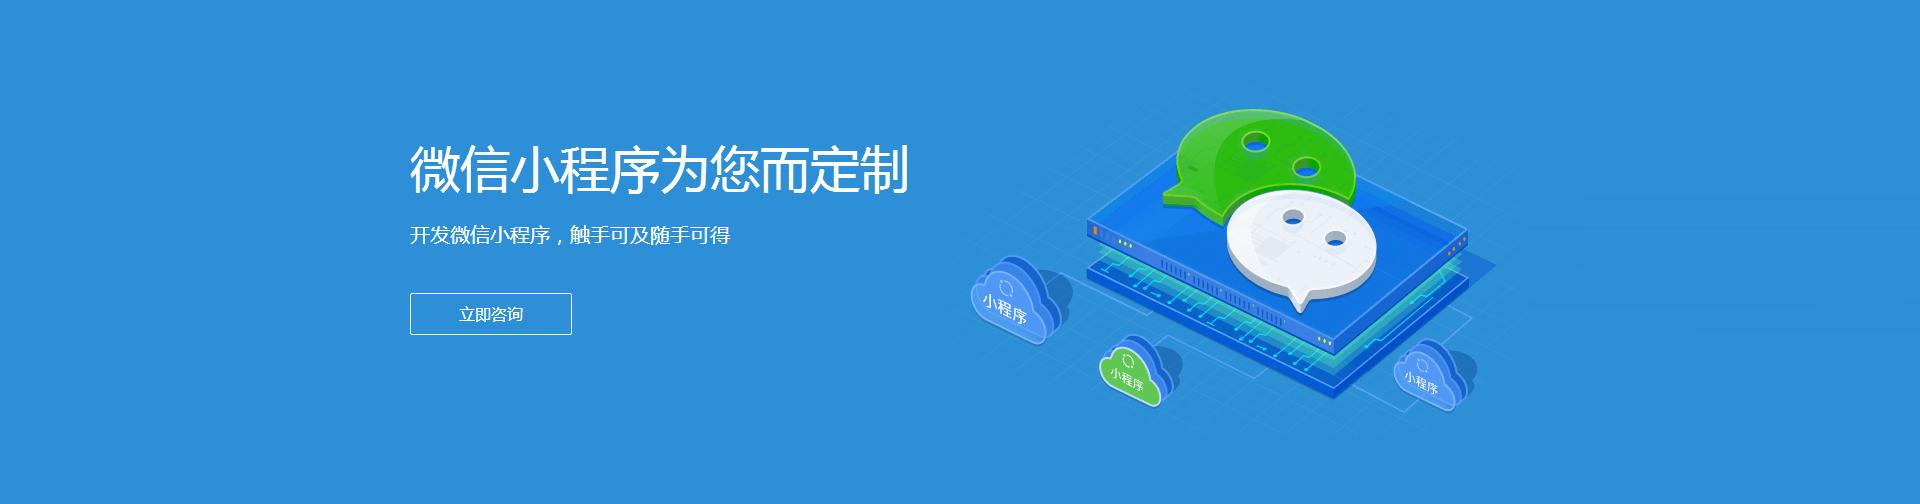 泸州网站建设微信小程序